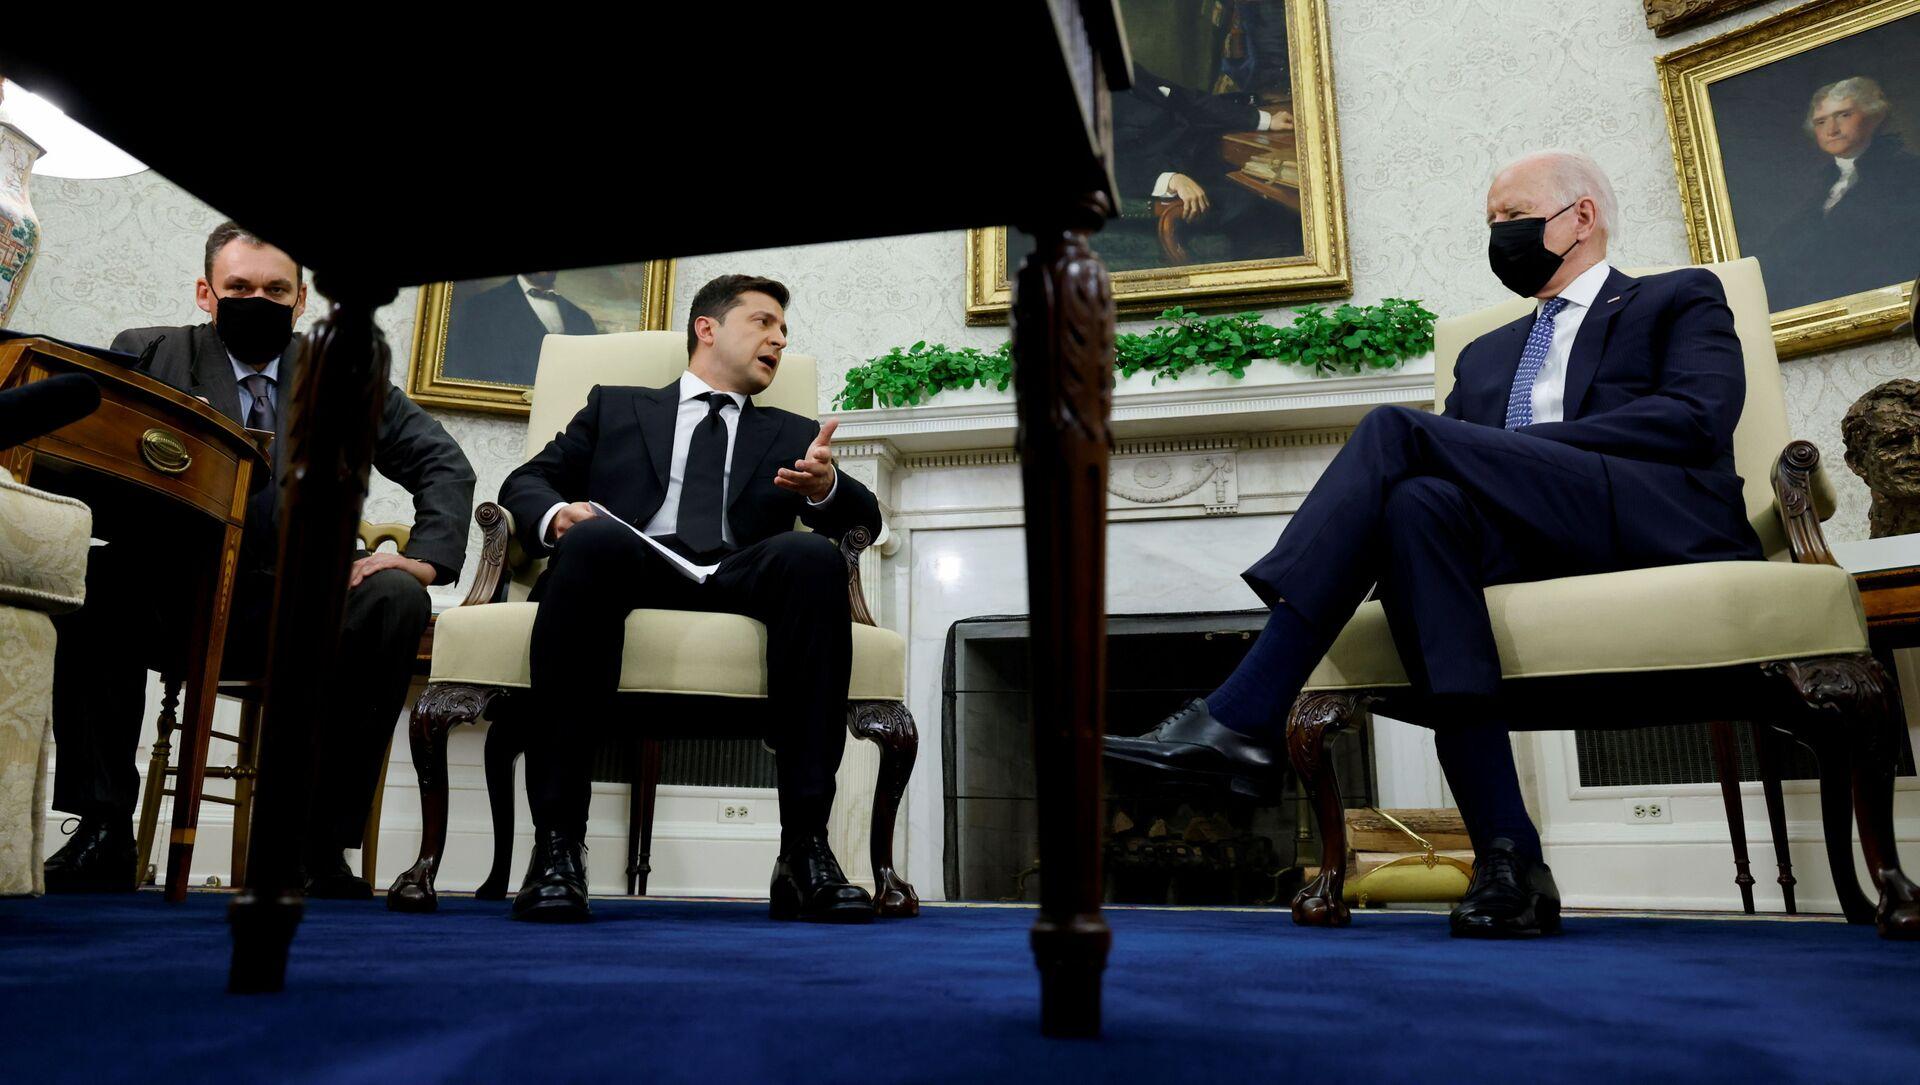 Tổng thống Ukraina Volodymyr Zelenskyy trong cuộc gặp với Tổng thống Mỹ Joe Biden tại Nhà Trắng - Sputnik Việt Nam, 1920, 02.09.2021